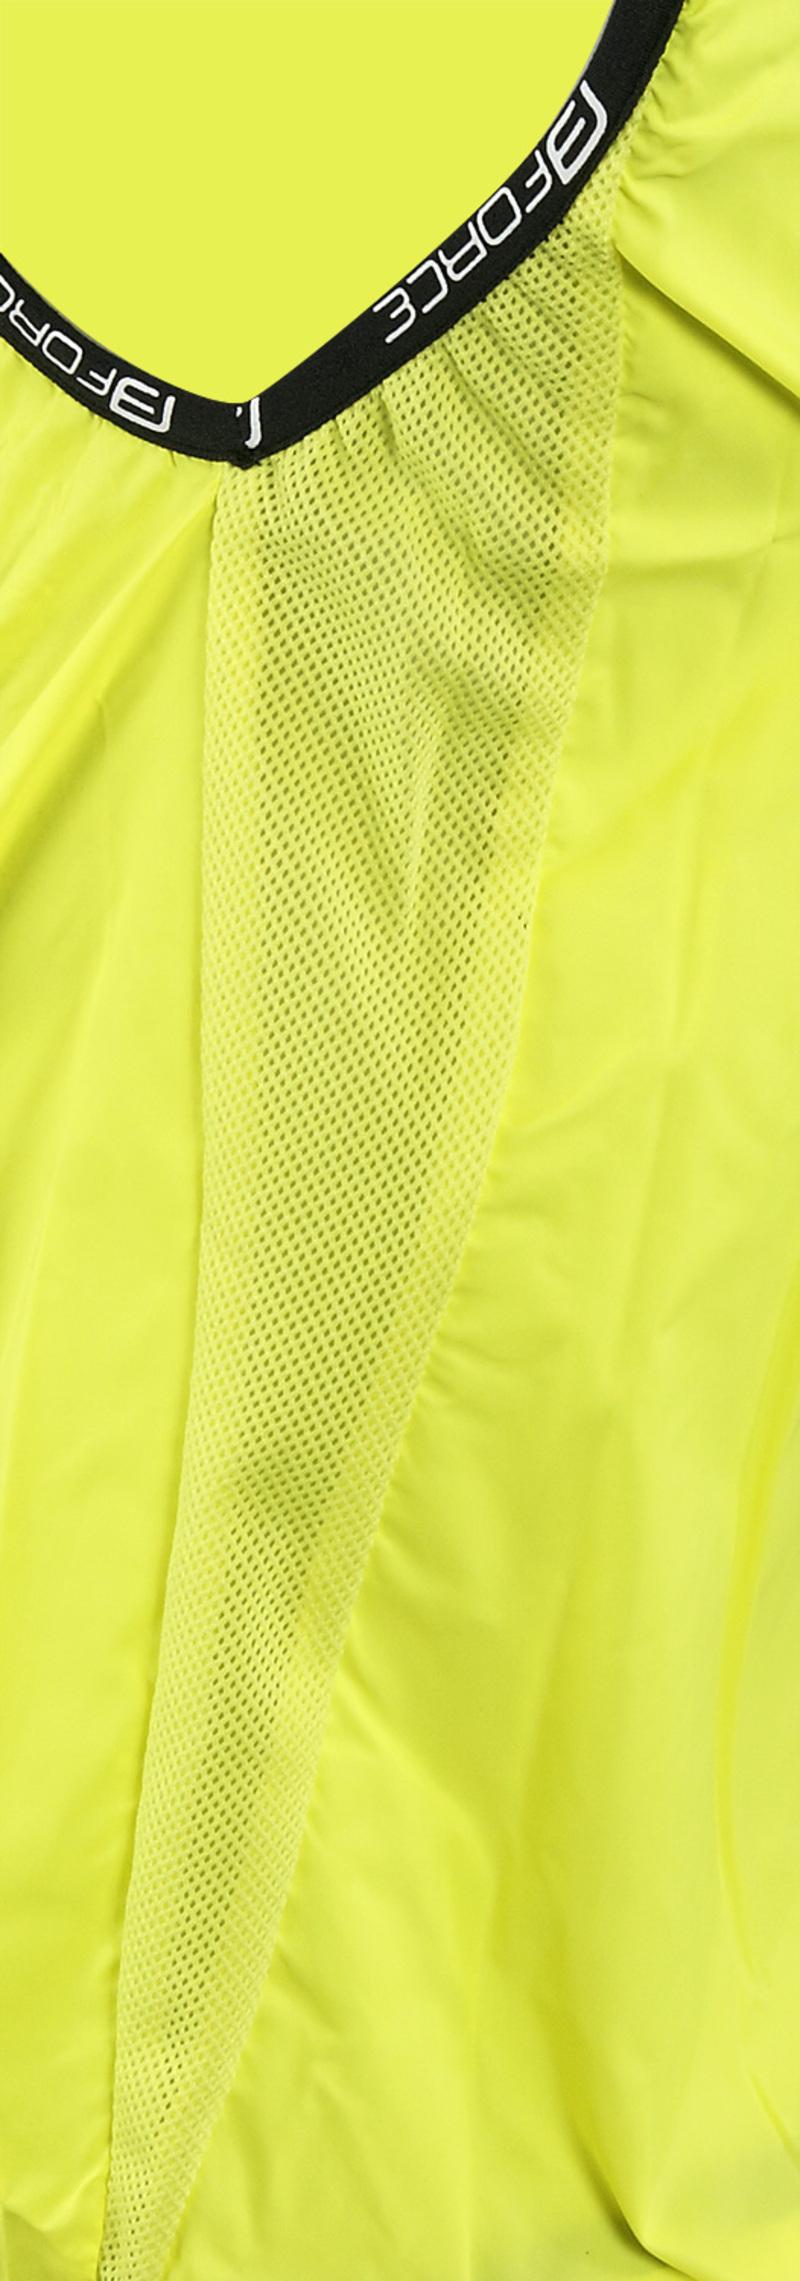 Force vesta V48 neprofuk širší-W, fluo